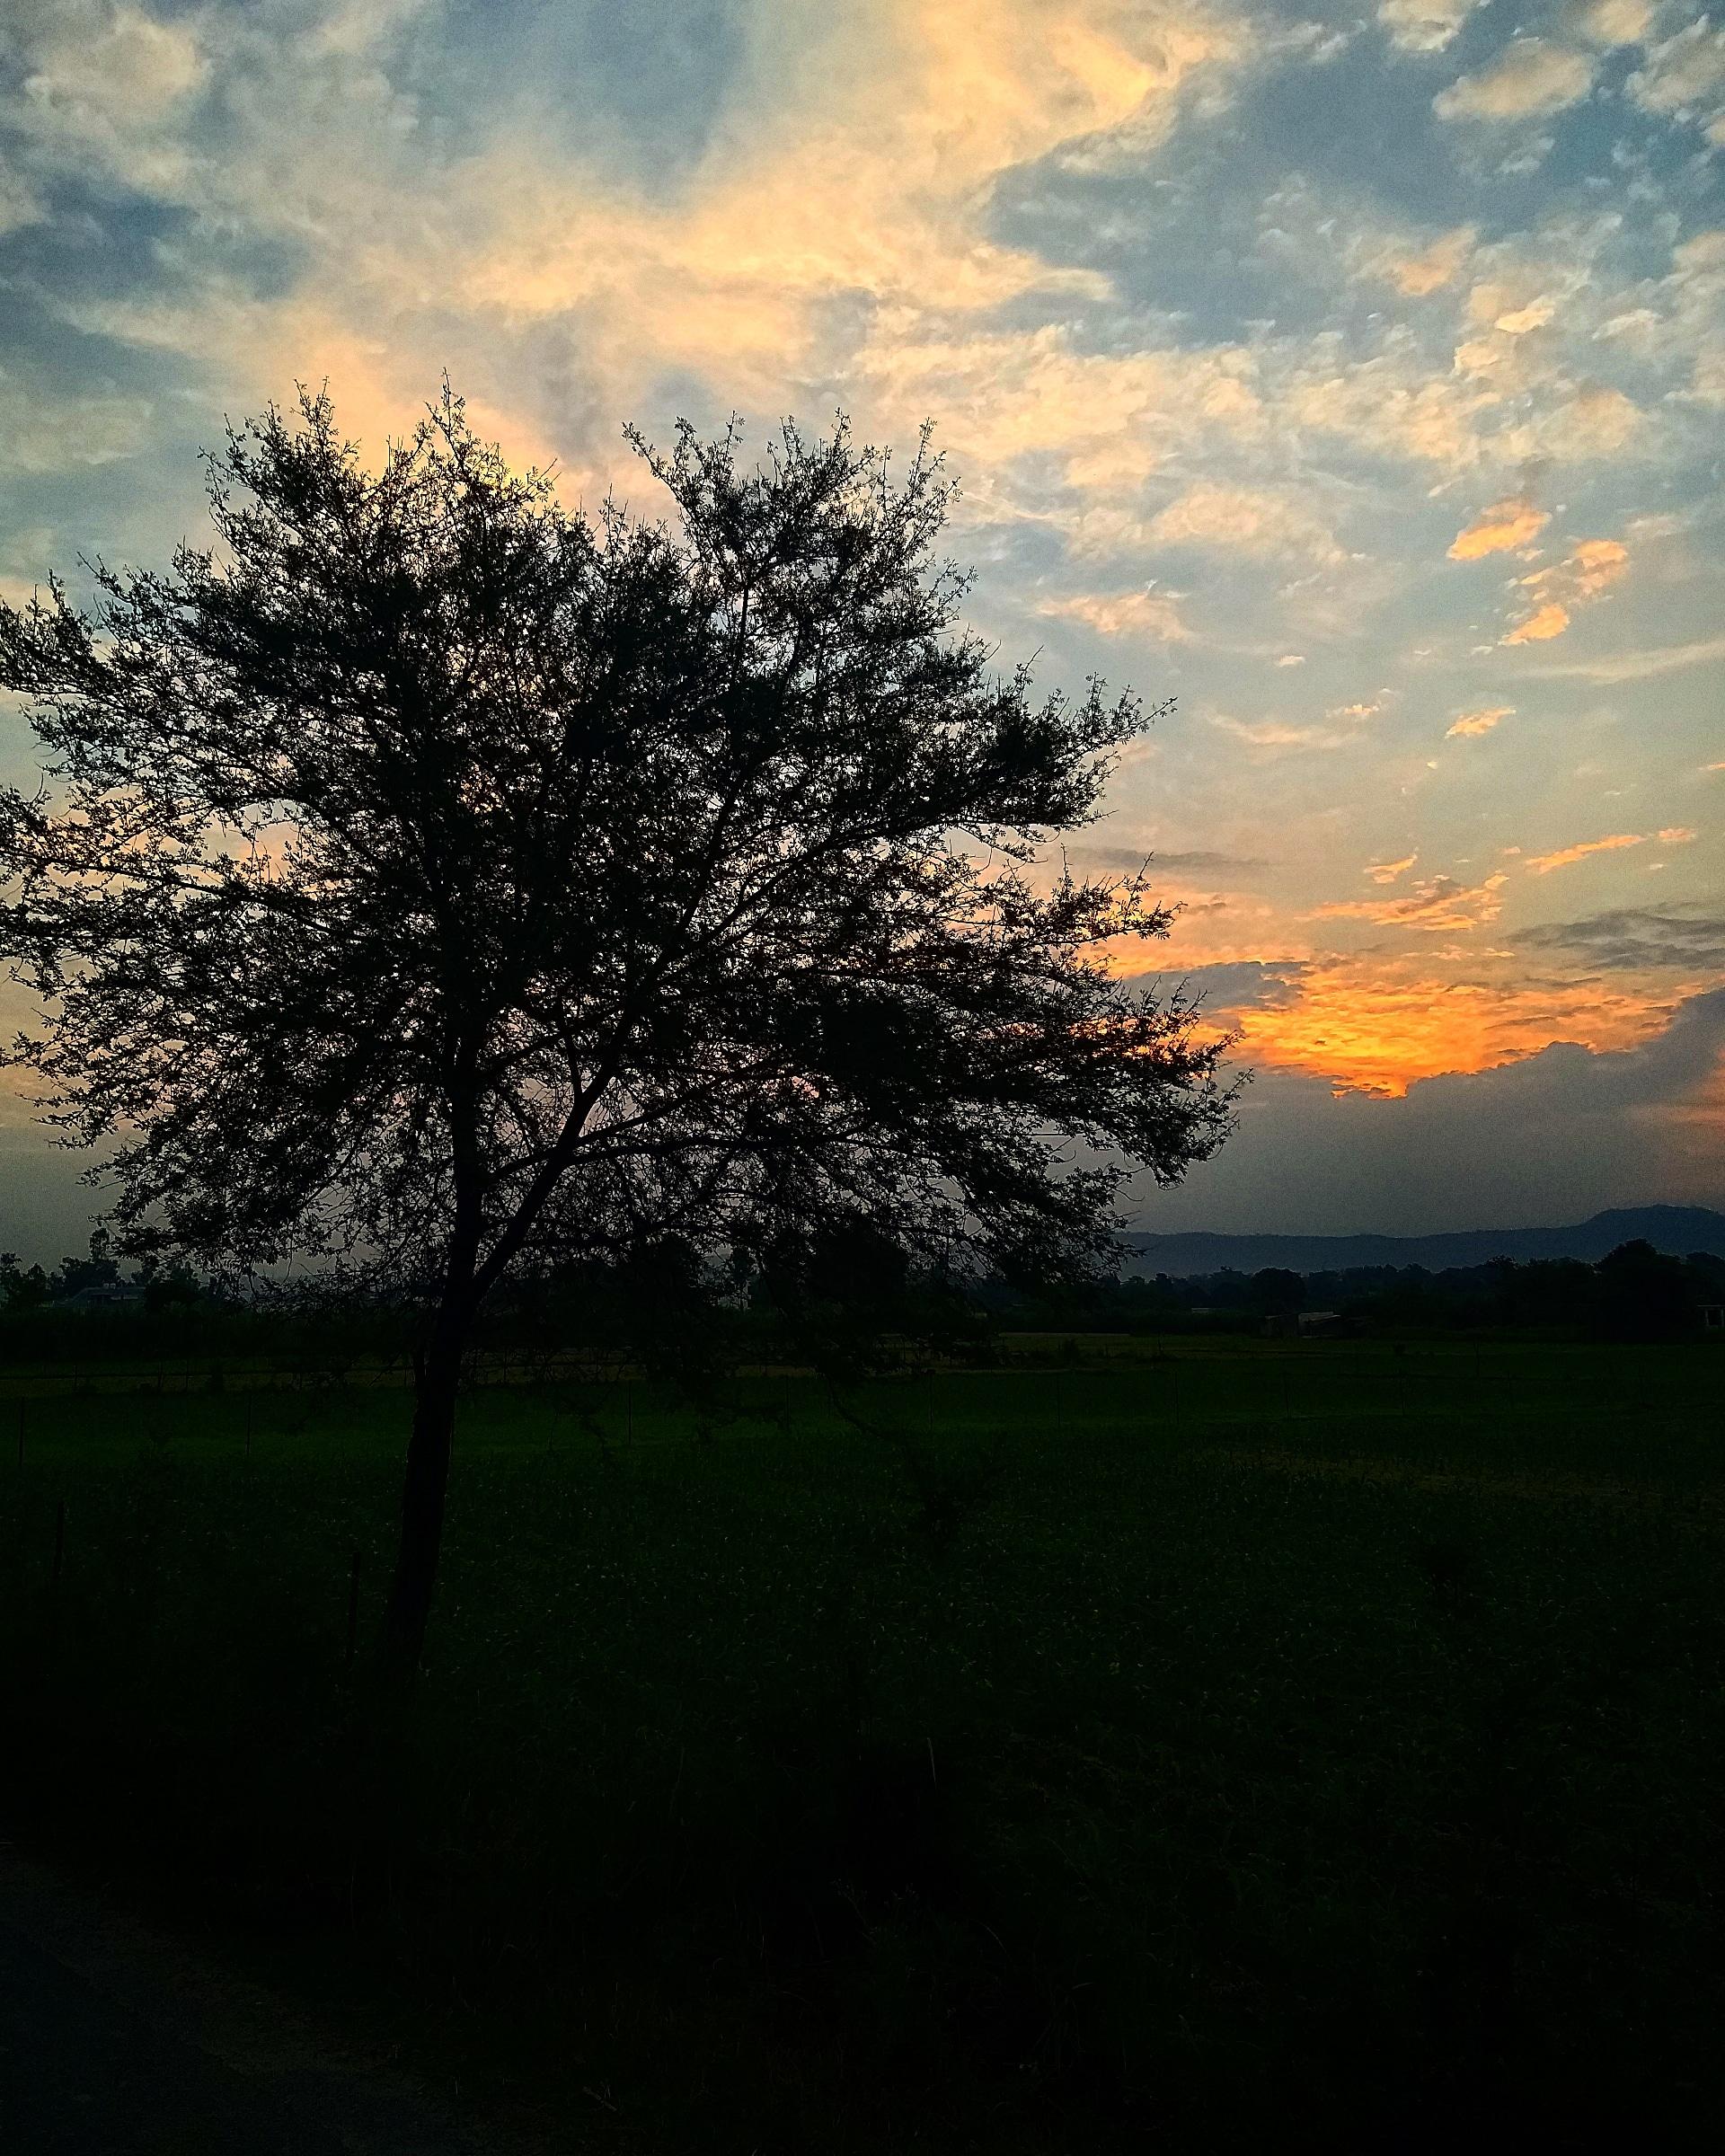 An evening of a villge